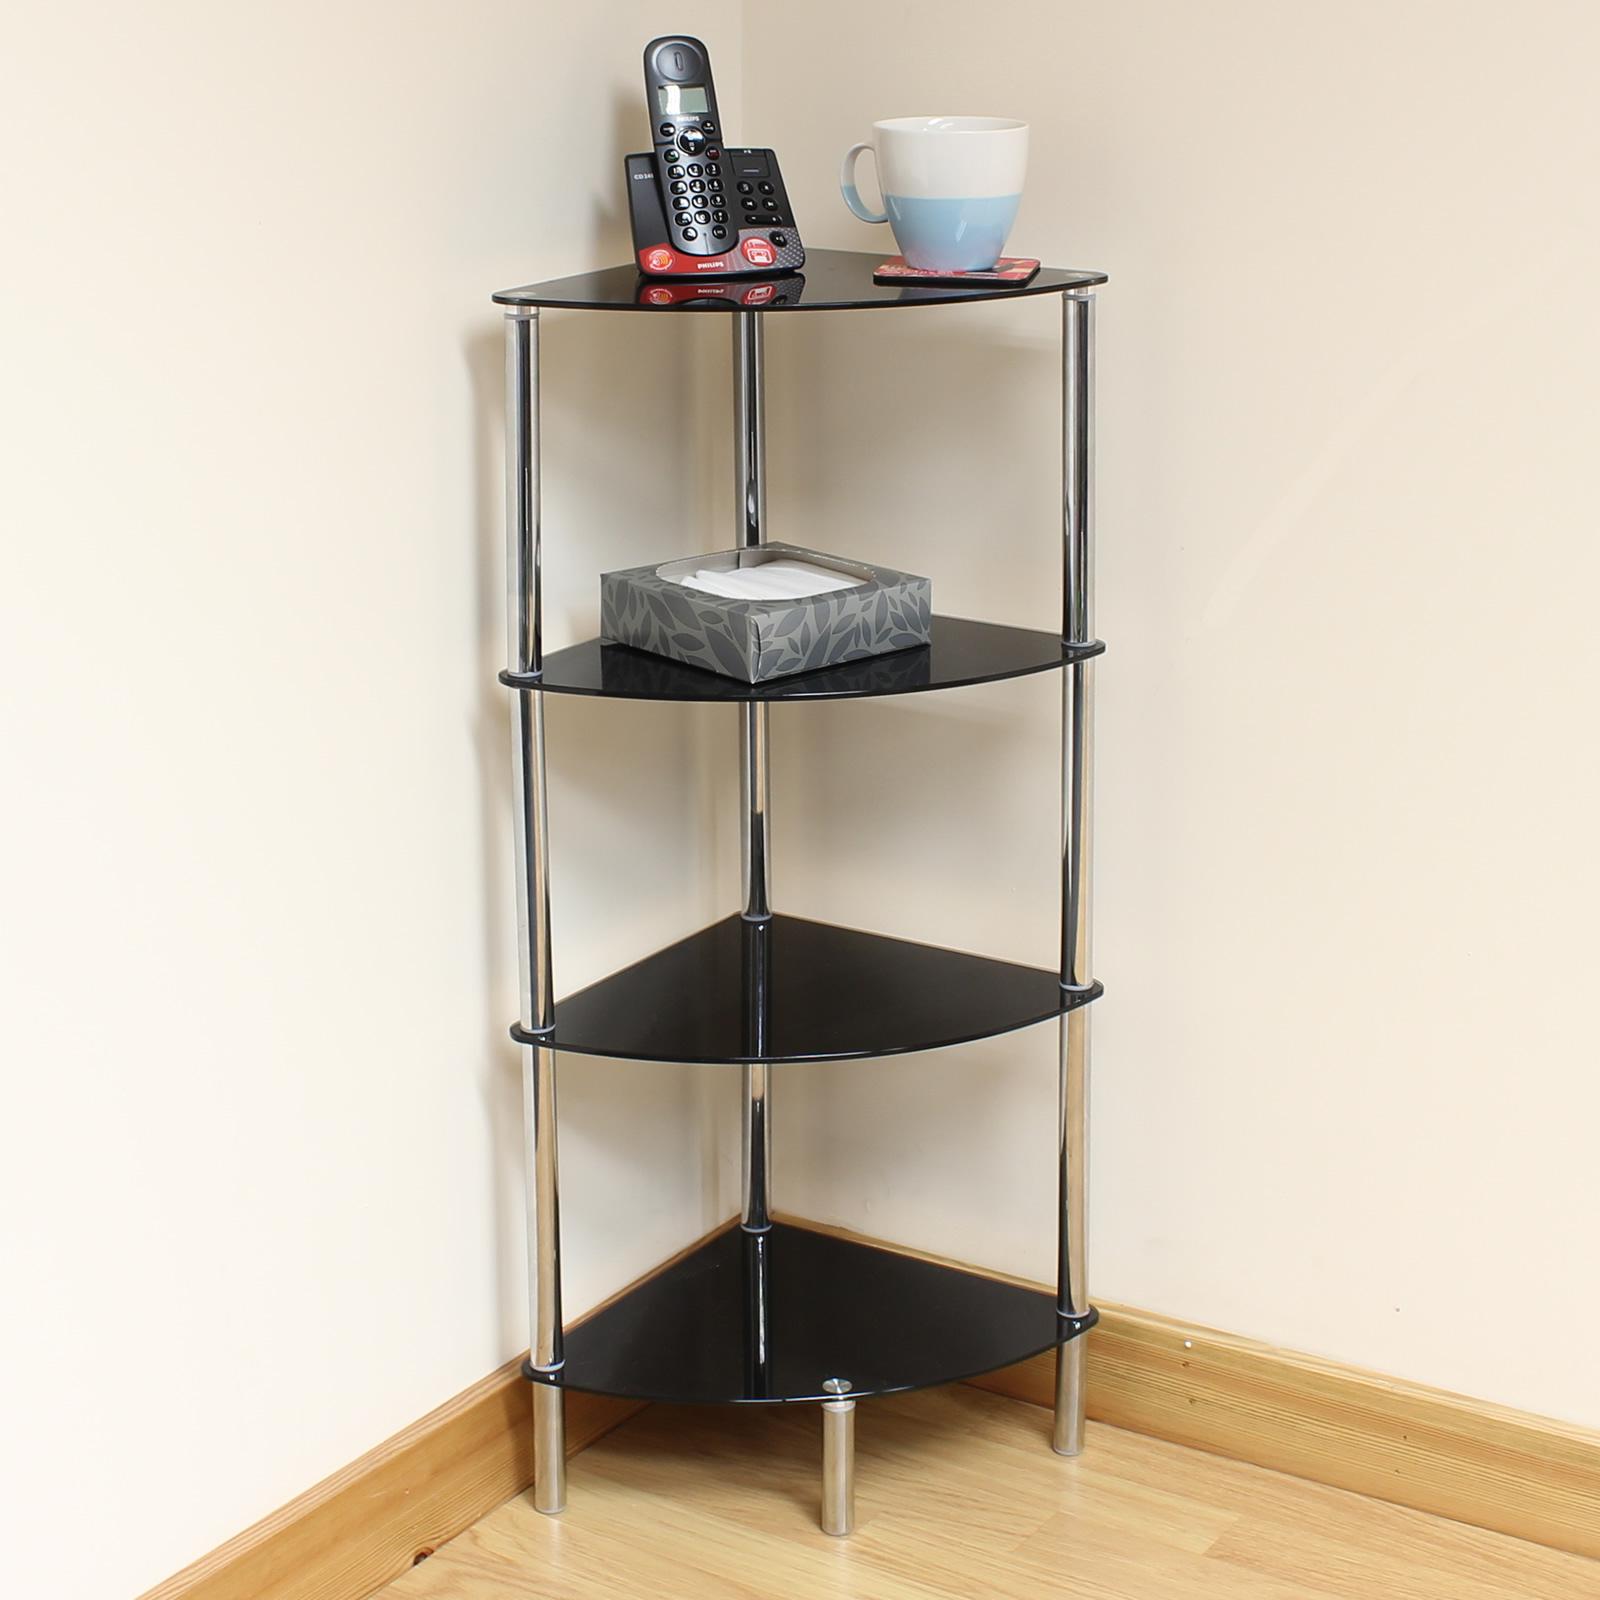 details about hartleys 4 tier black glass corner side end table shelf display unit lounge hall